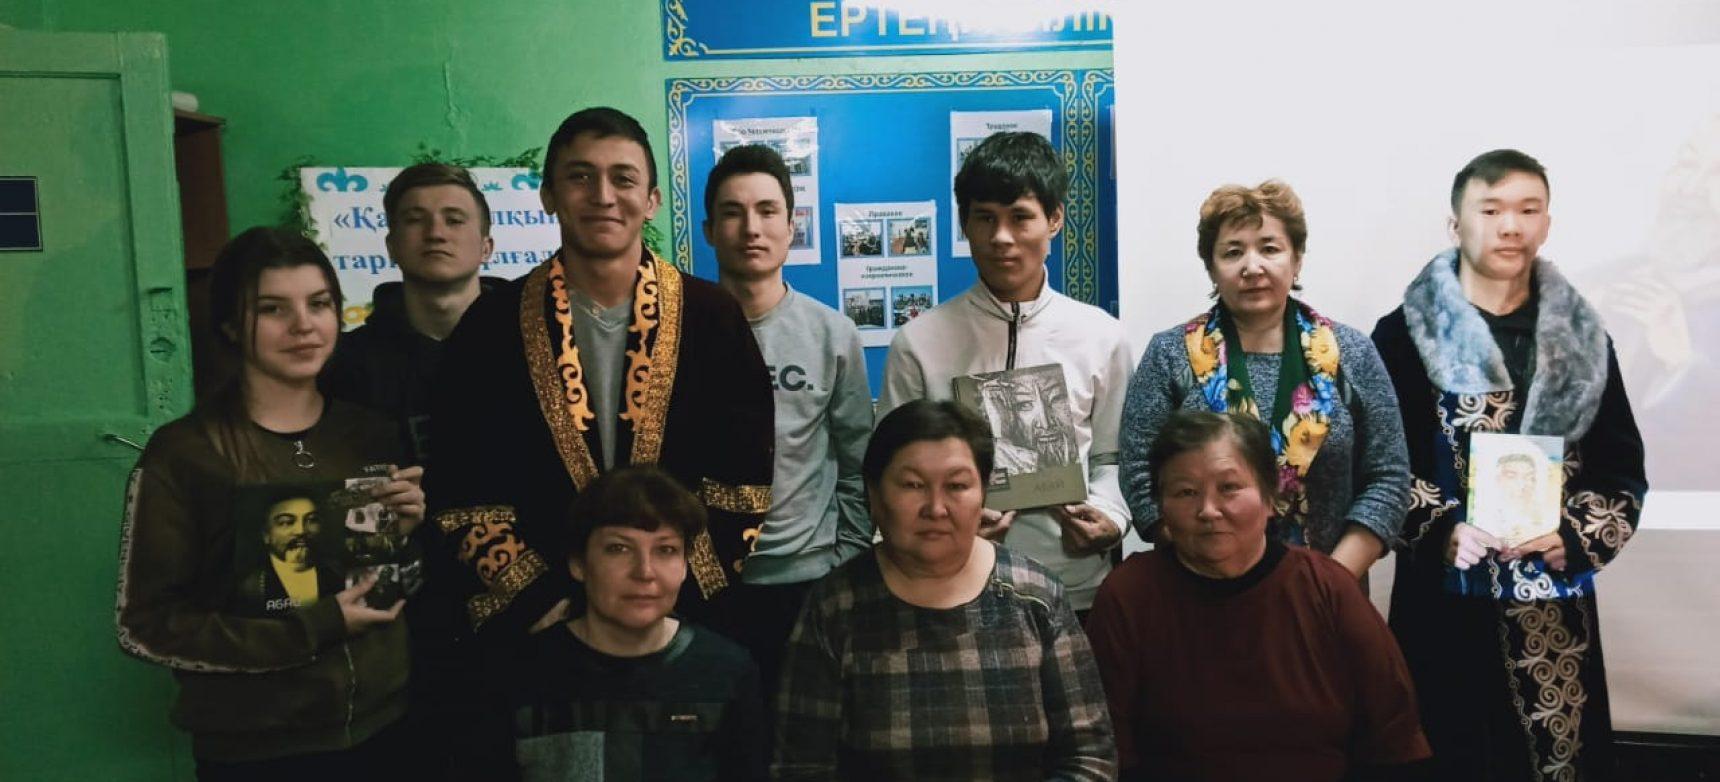 Мероприятие, посвященное 175 летию Абая Кунанбаева